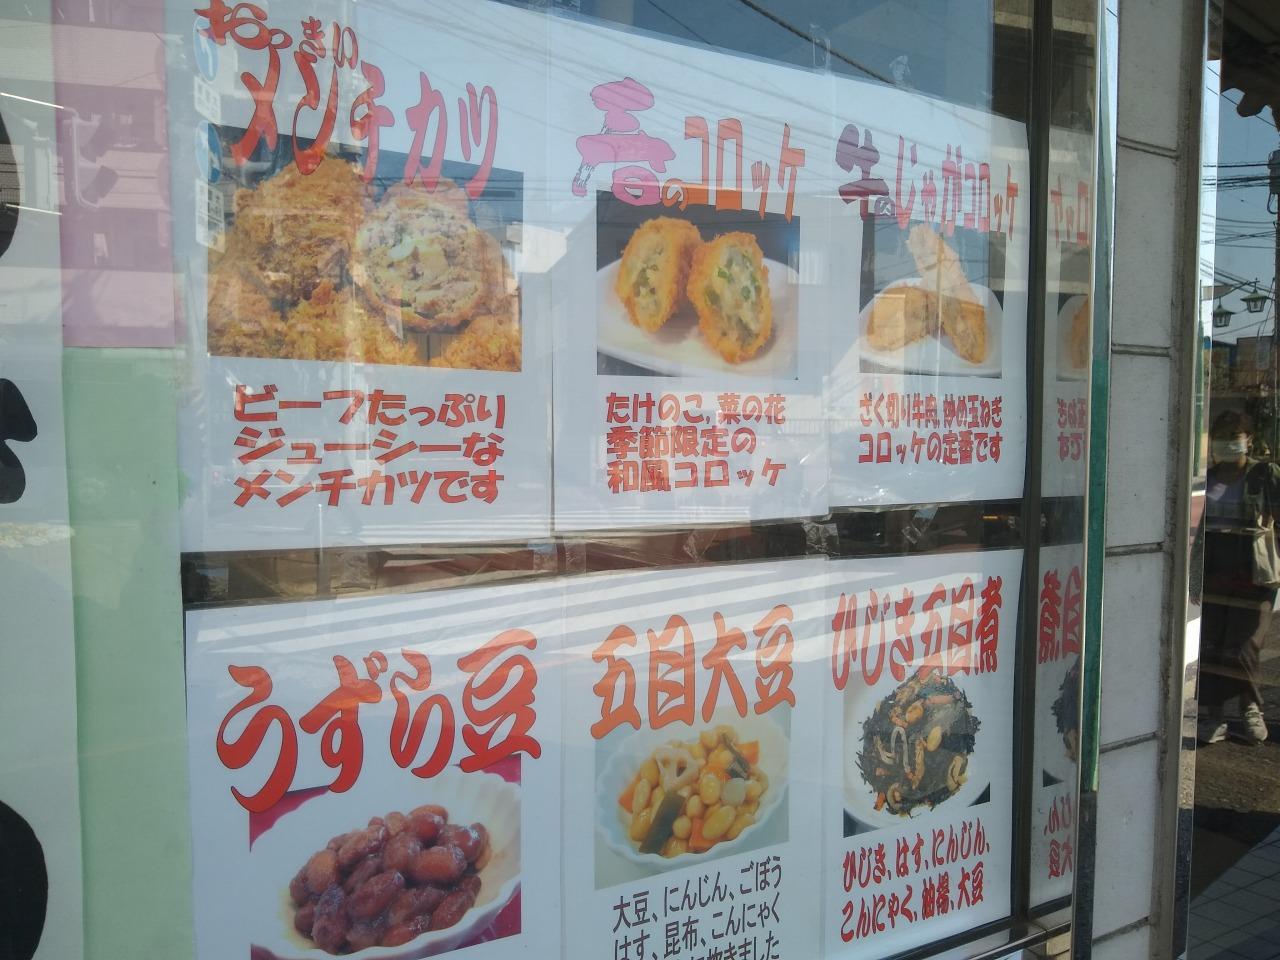 綱島うみのやお惣菜メニュー